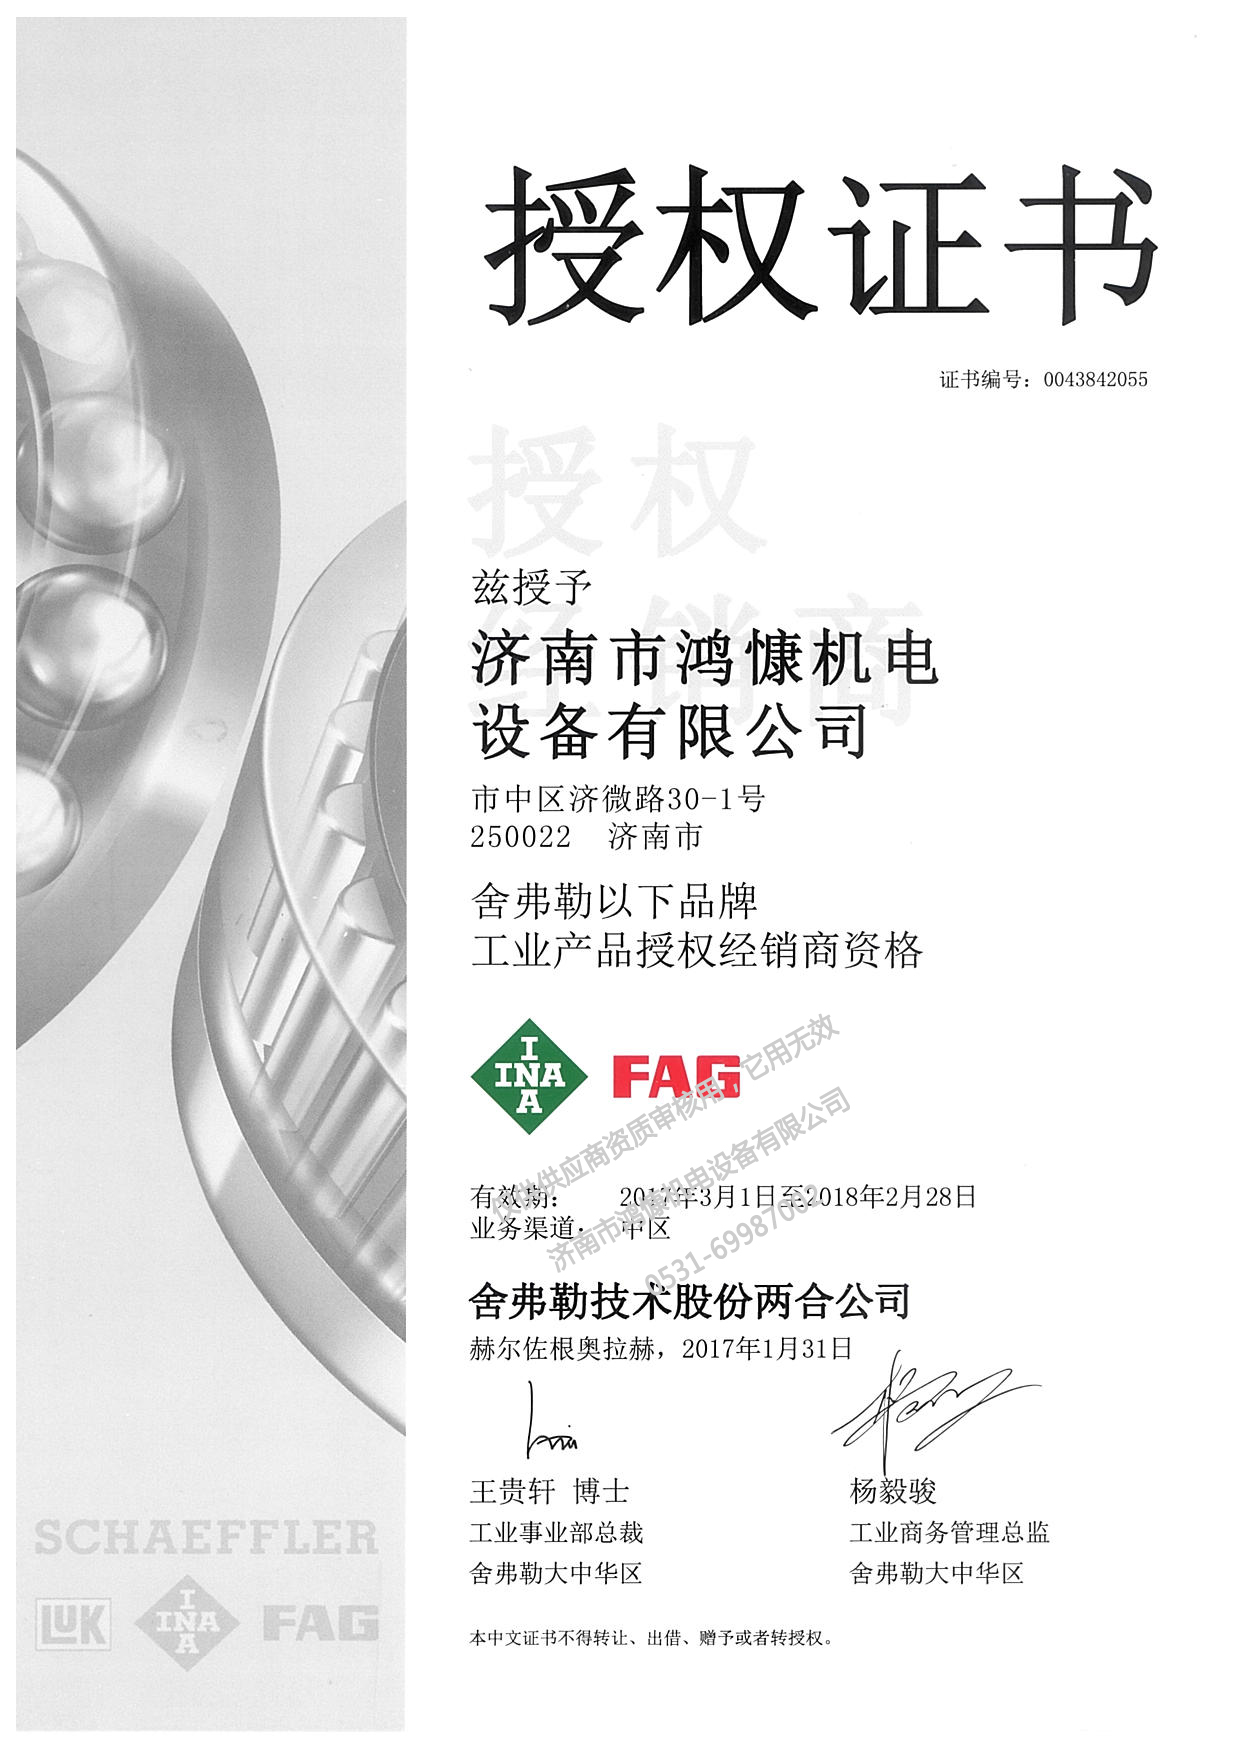 2017年德国大奖娱乐官网首页集团授权证书